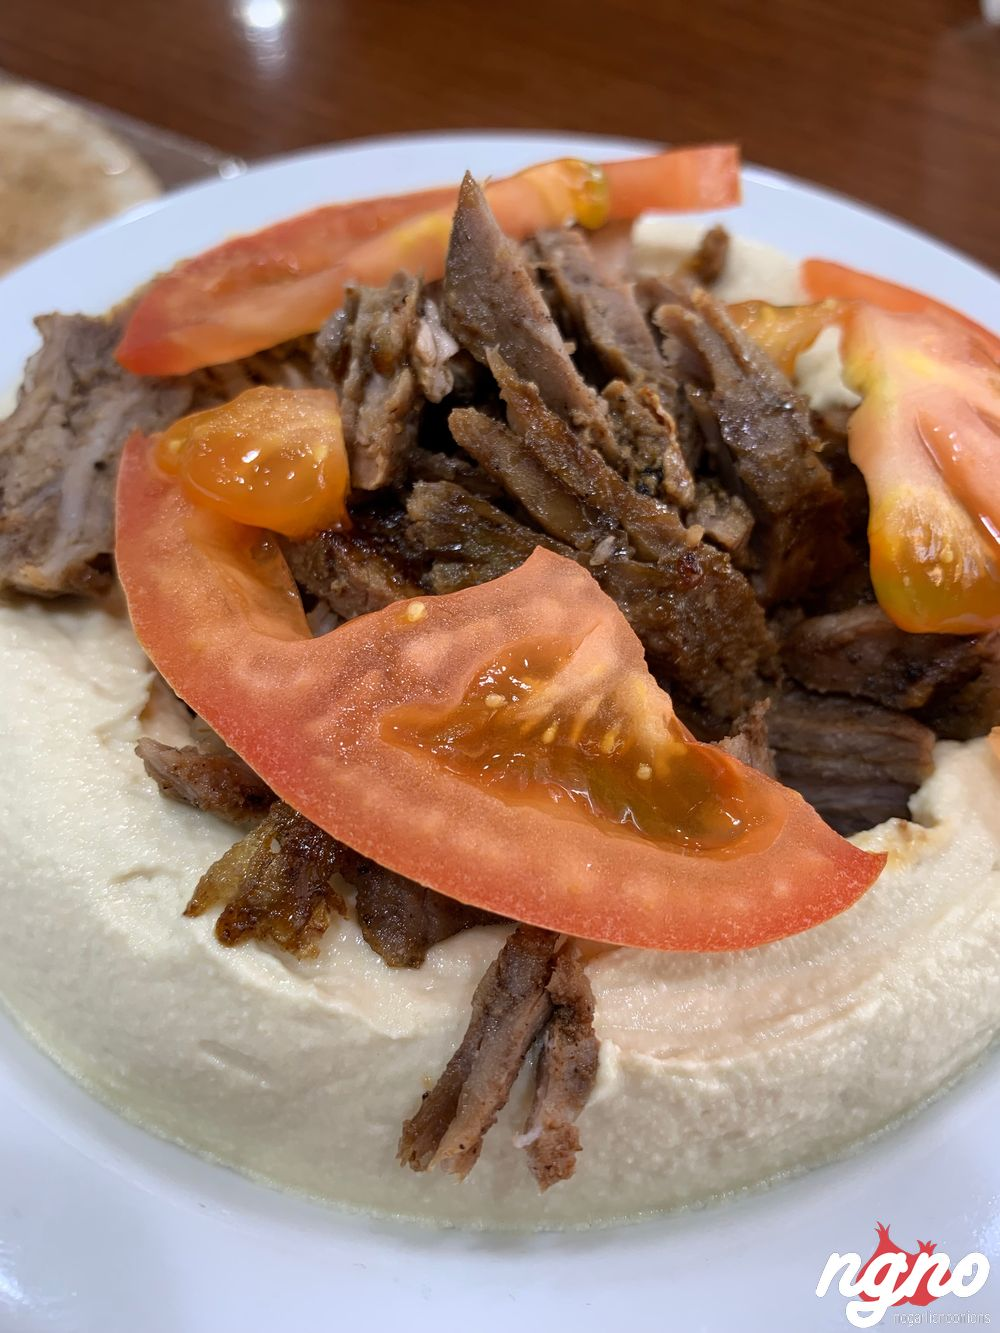 le2metna-snack-food-sarba-nogarlicnoonions-342018-11-25-04-40-08